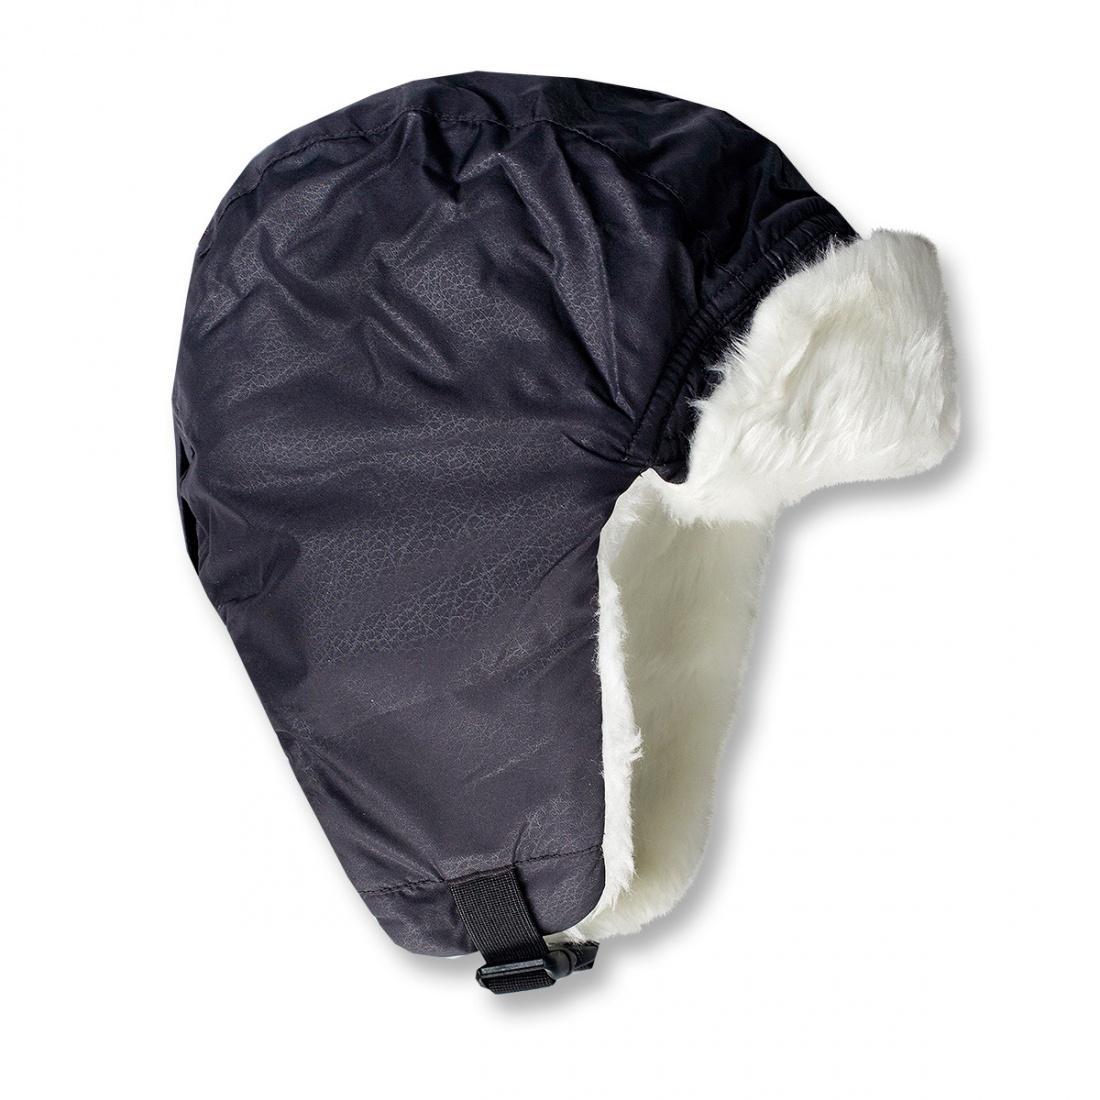 Шапка AmnistiaУшанки<br><br> Удобная шапка-ушанка классического дизайна.<br><br><br> Основные характеристики:<br><br><br>комфортная посадка<br>эргономичная конструкция кроя<br>отделка из искусственного меха<br>регулировка по высоте<br>&lt;...<br><br>Цвет: Серый<br>Размер: 60